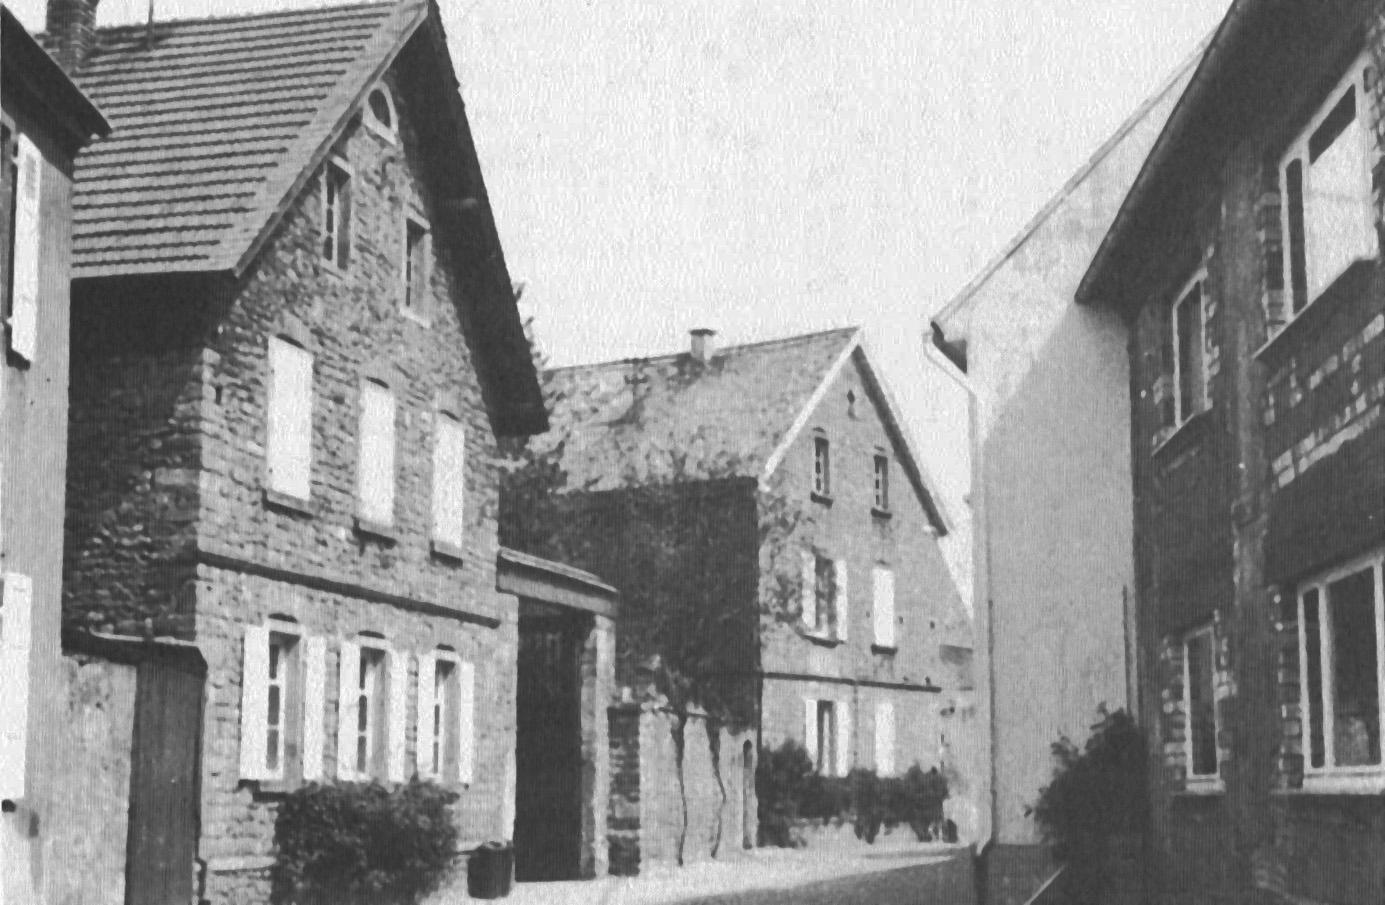 Haus_alt